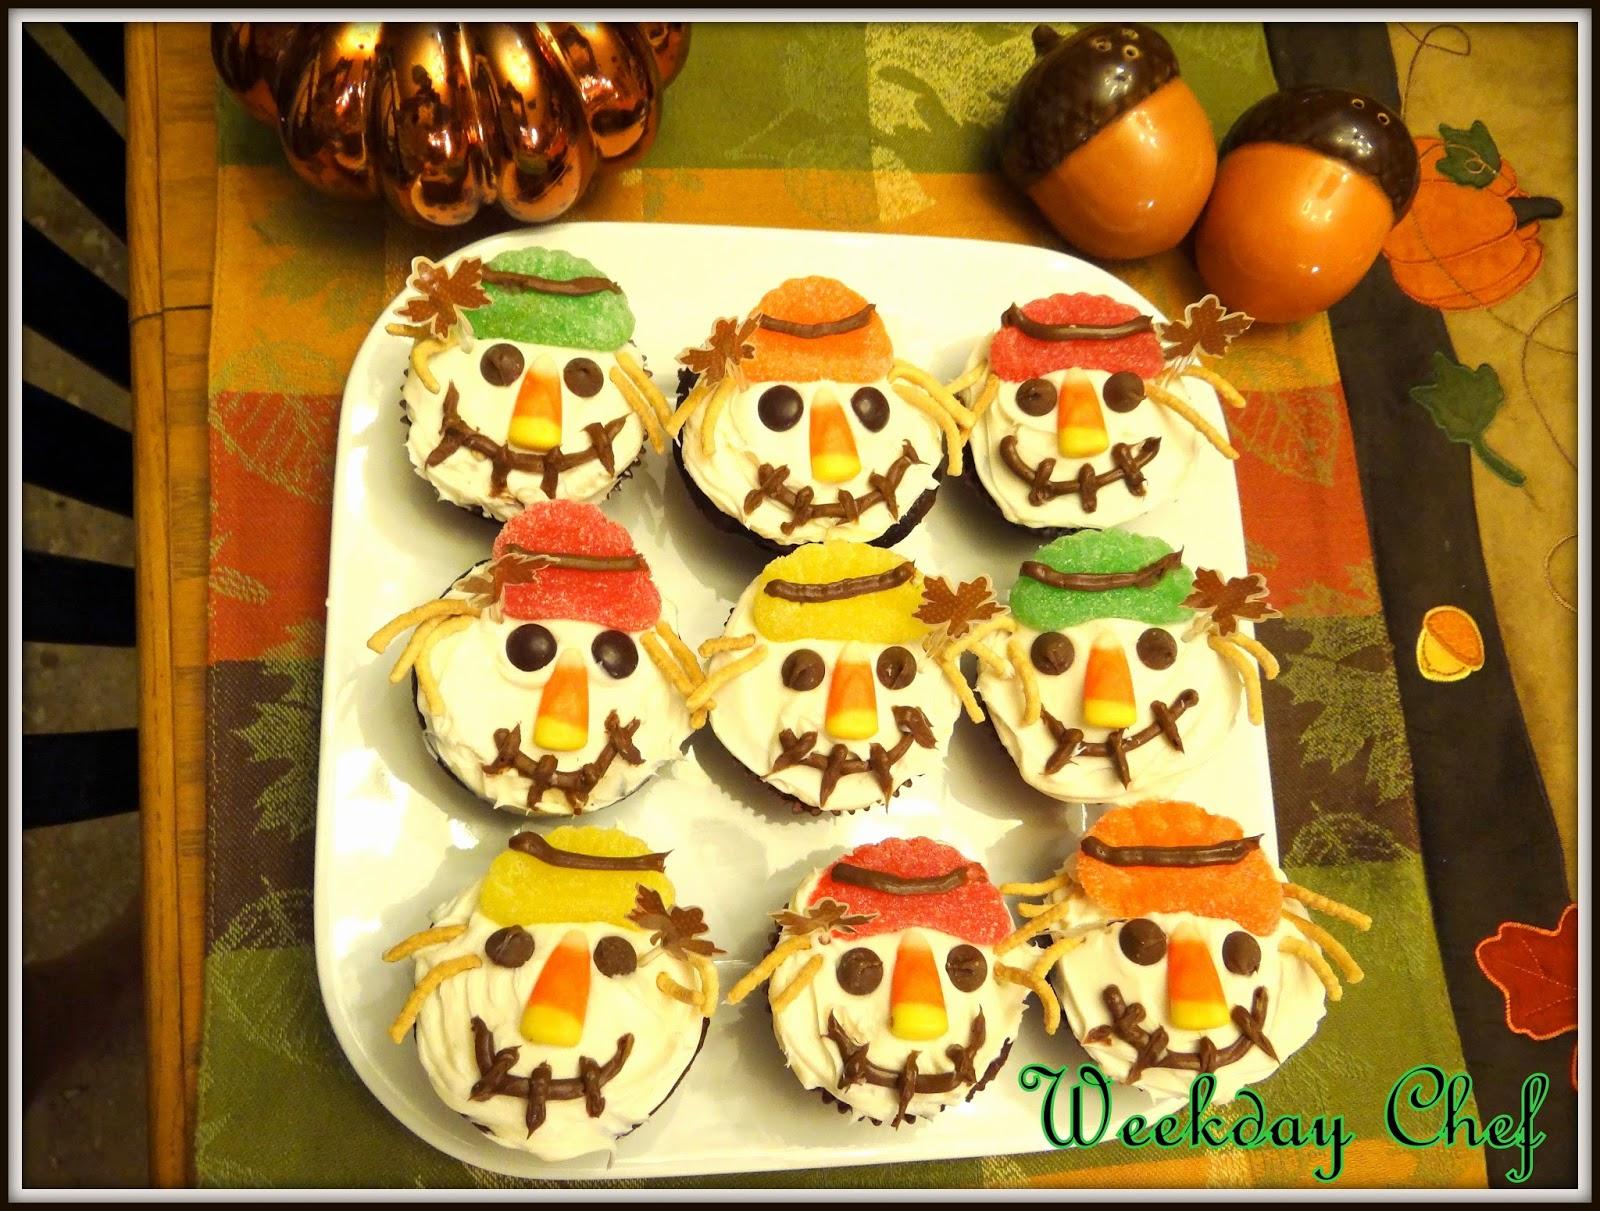 Weekday Chef: Halloween Finger Foods